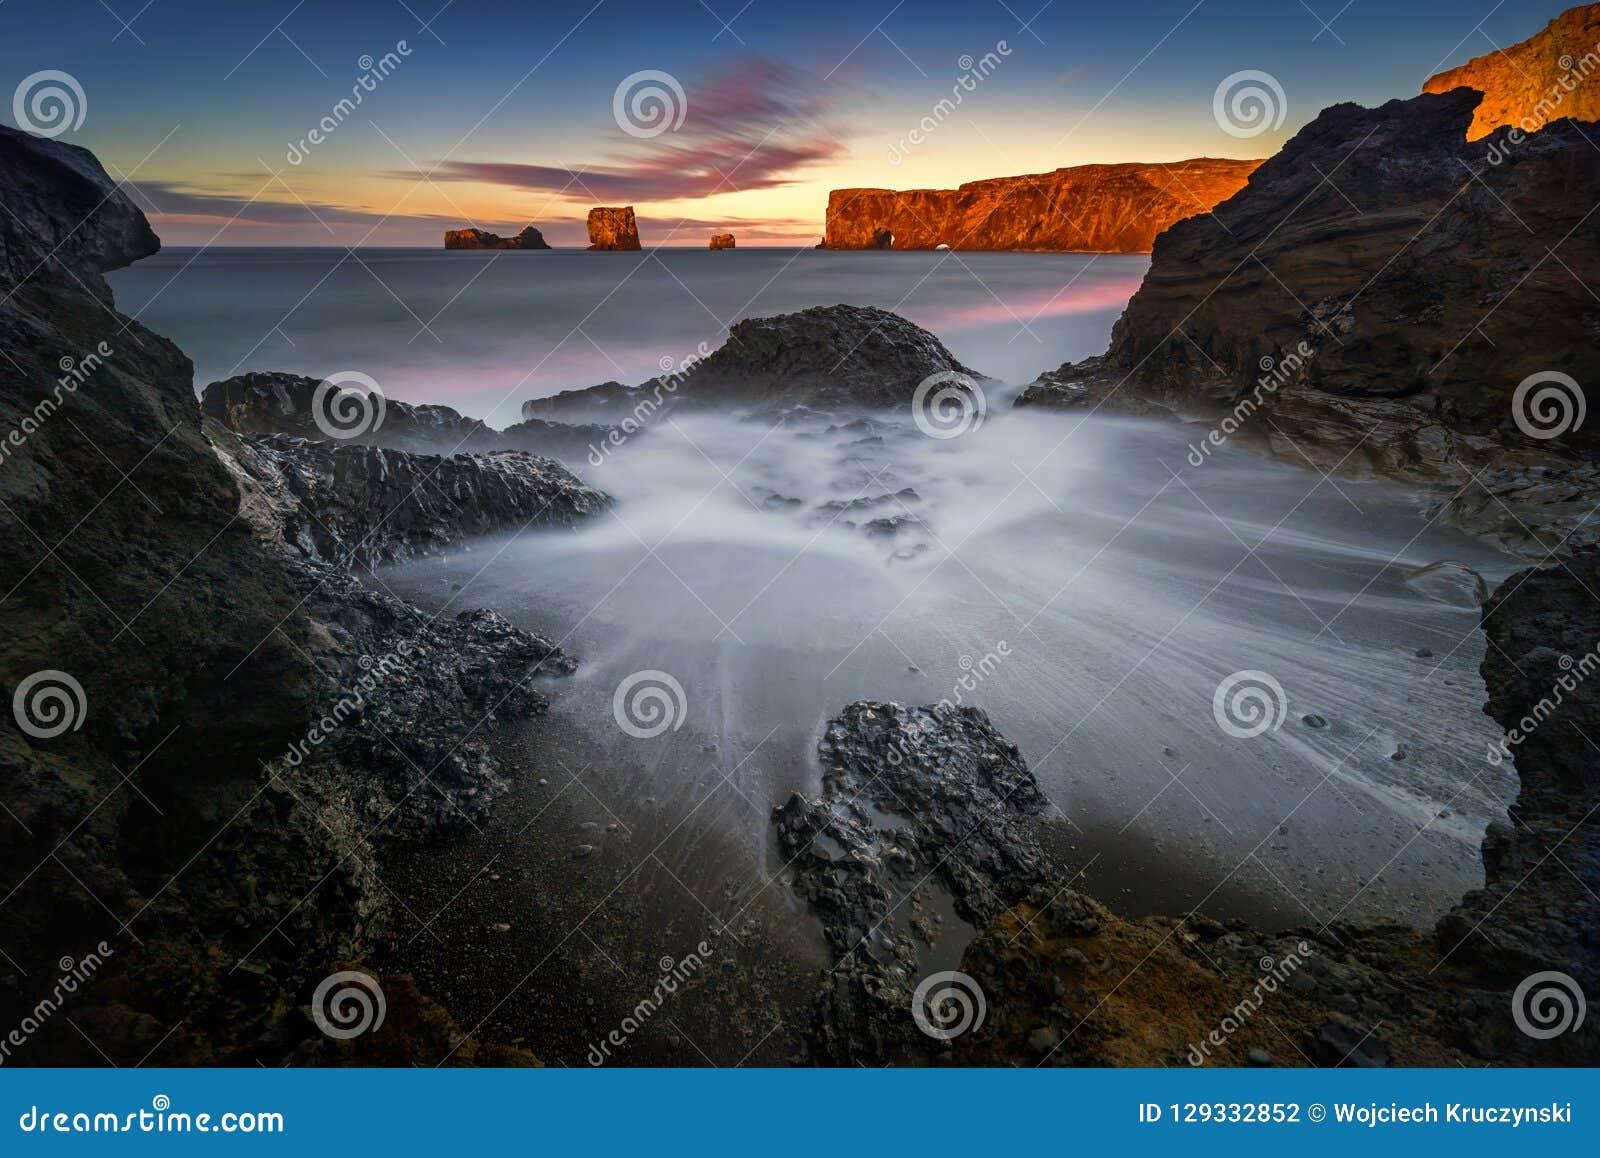 Dyrholaey Dawn Beach